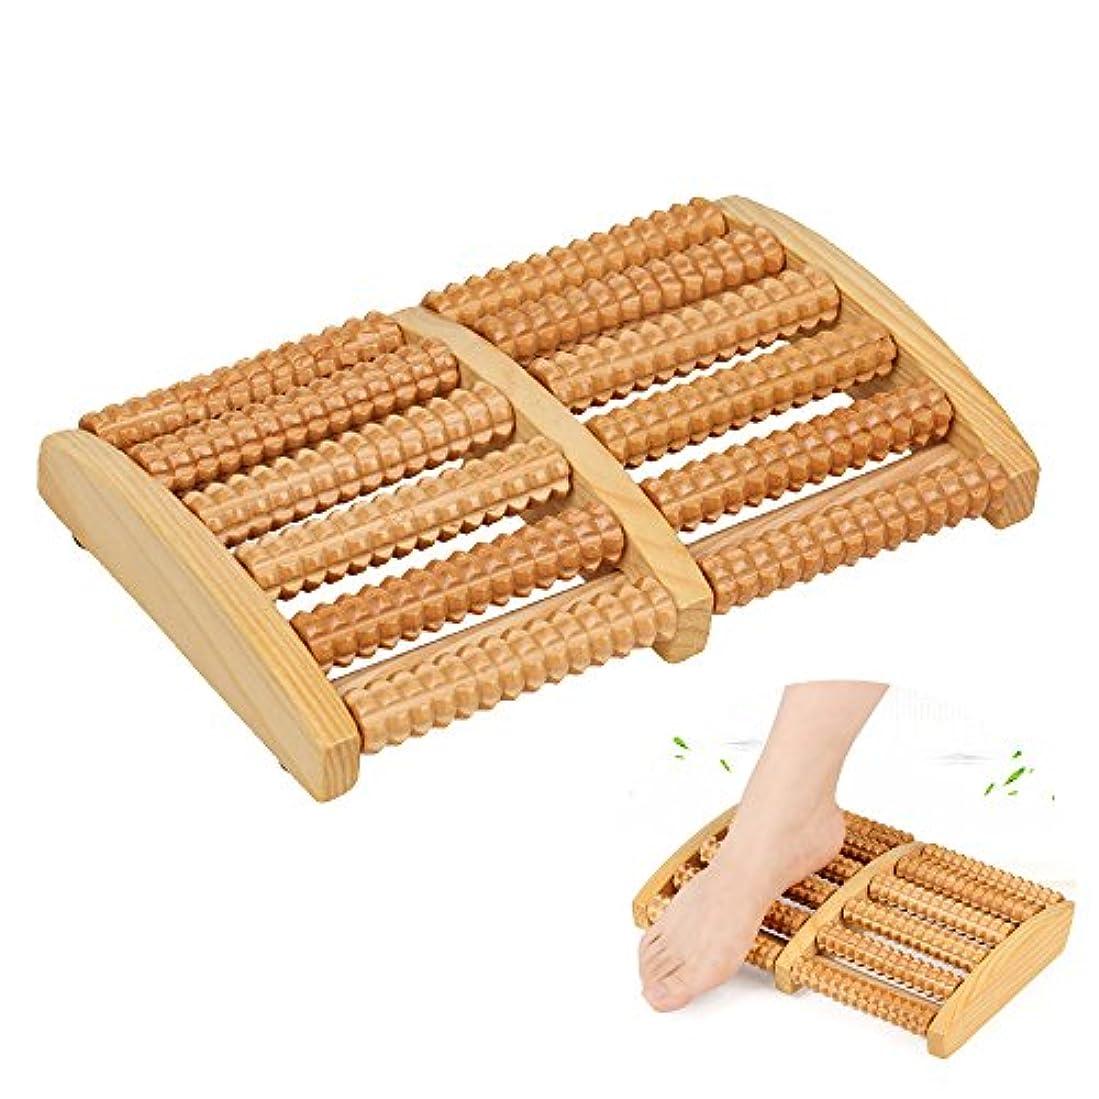 マッサージャー 木製 ローラータイプ 足 マッサージ リラックス ツール